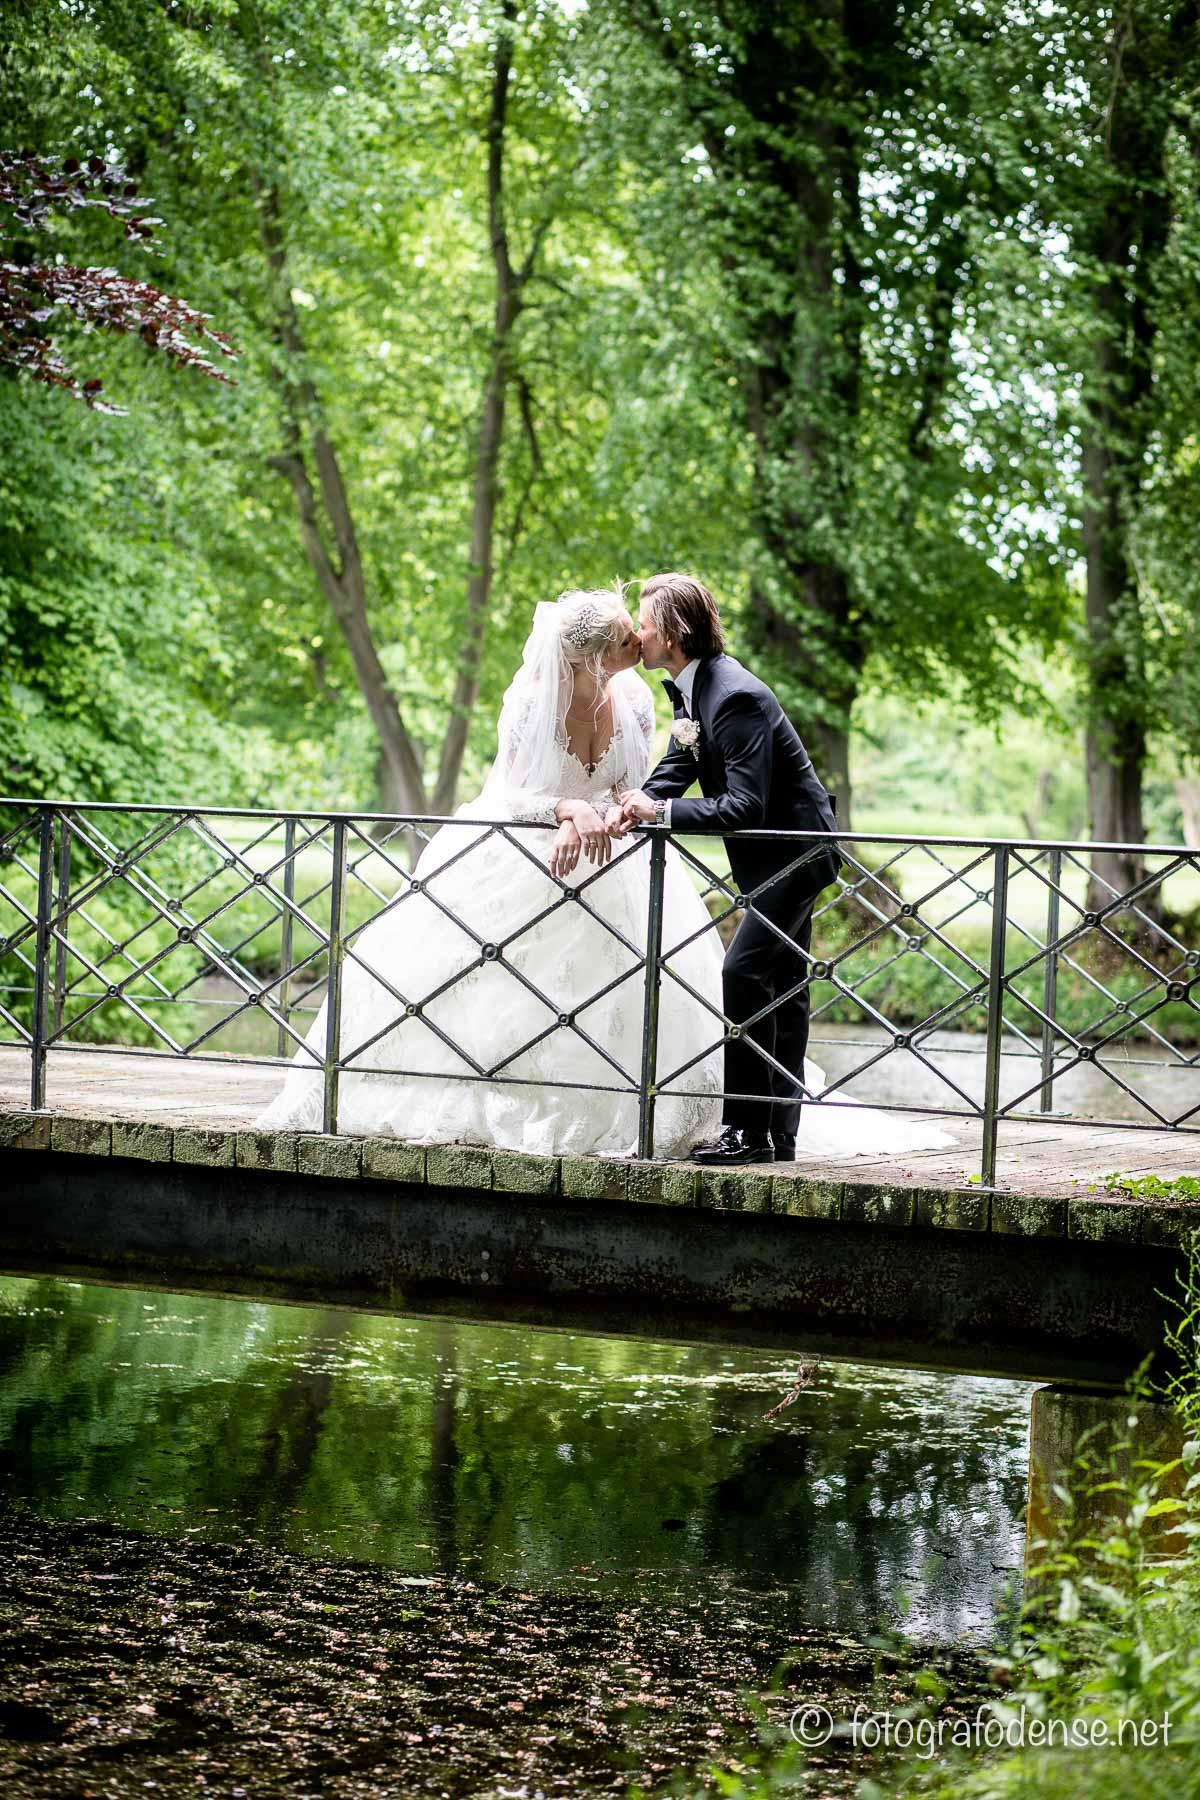 Bryllupsfotograf Fyn - bryllupsfotograf paa Fyn